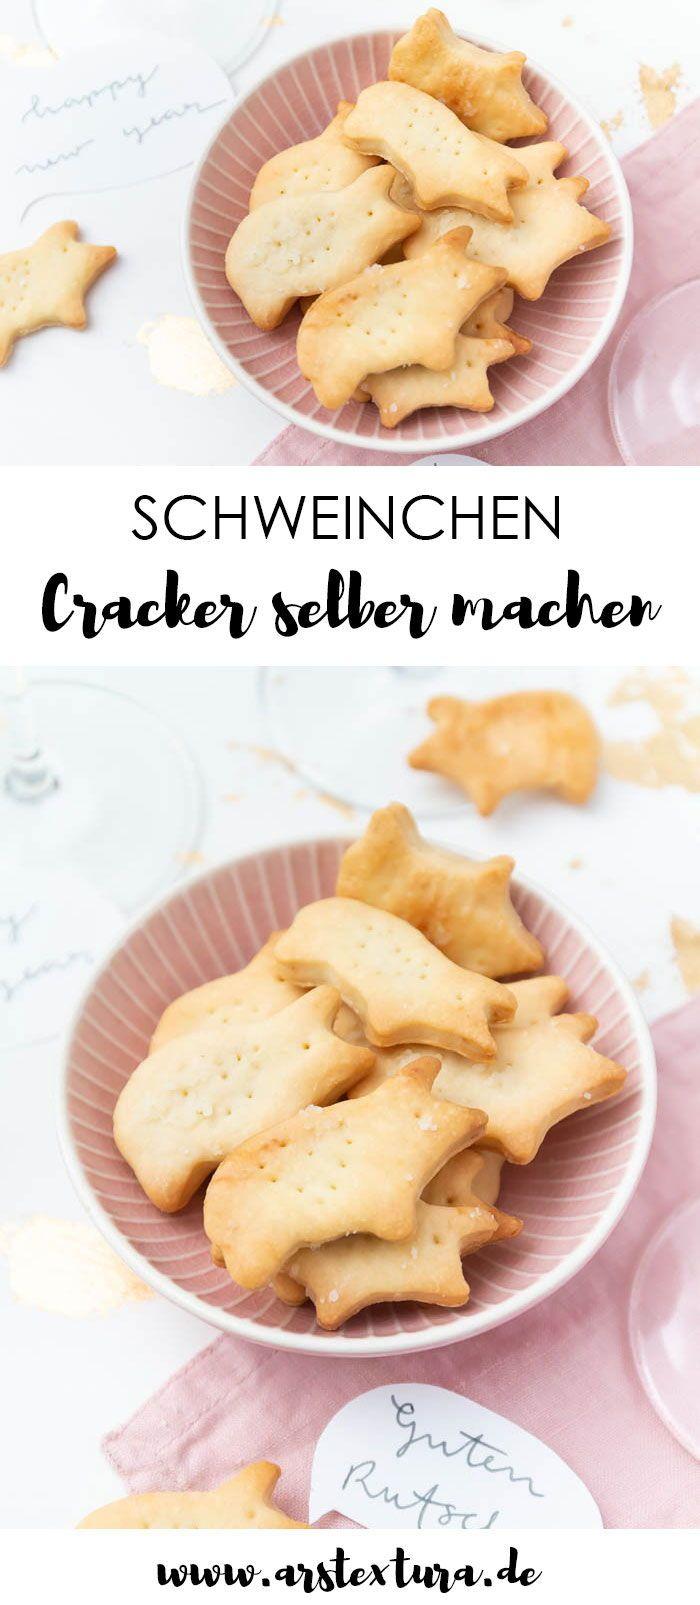 Schweinchen Cracker selber machen – Snack für Silvester | ars textura – DIY-Blog